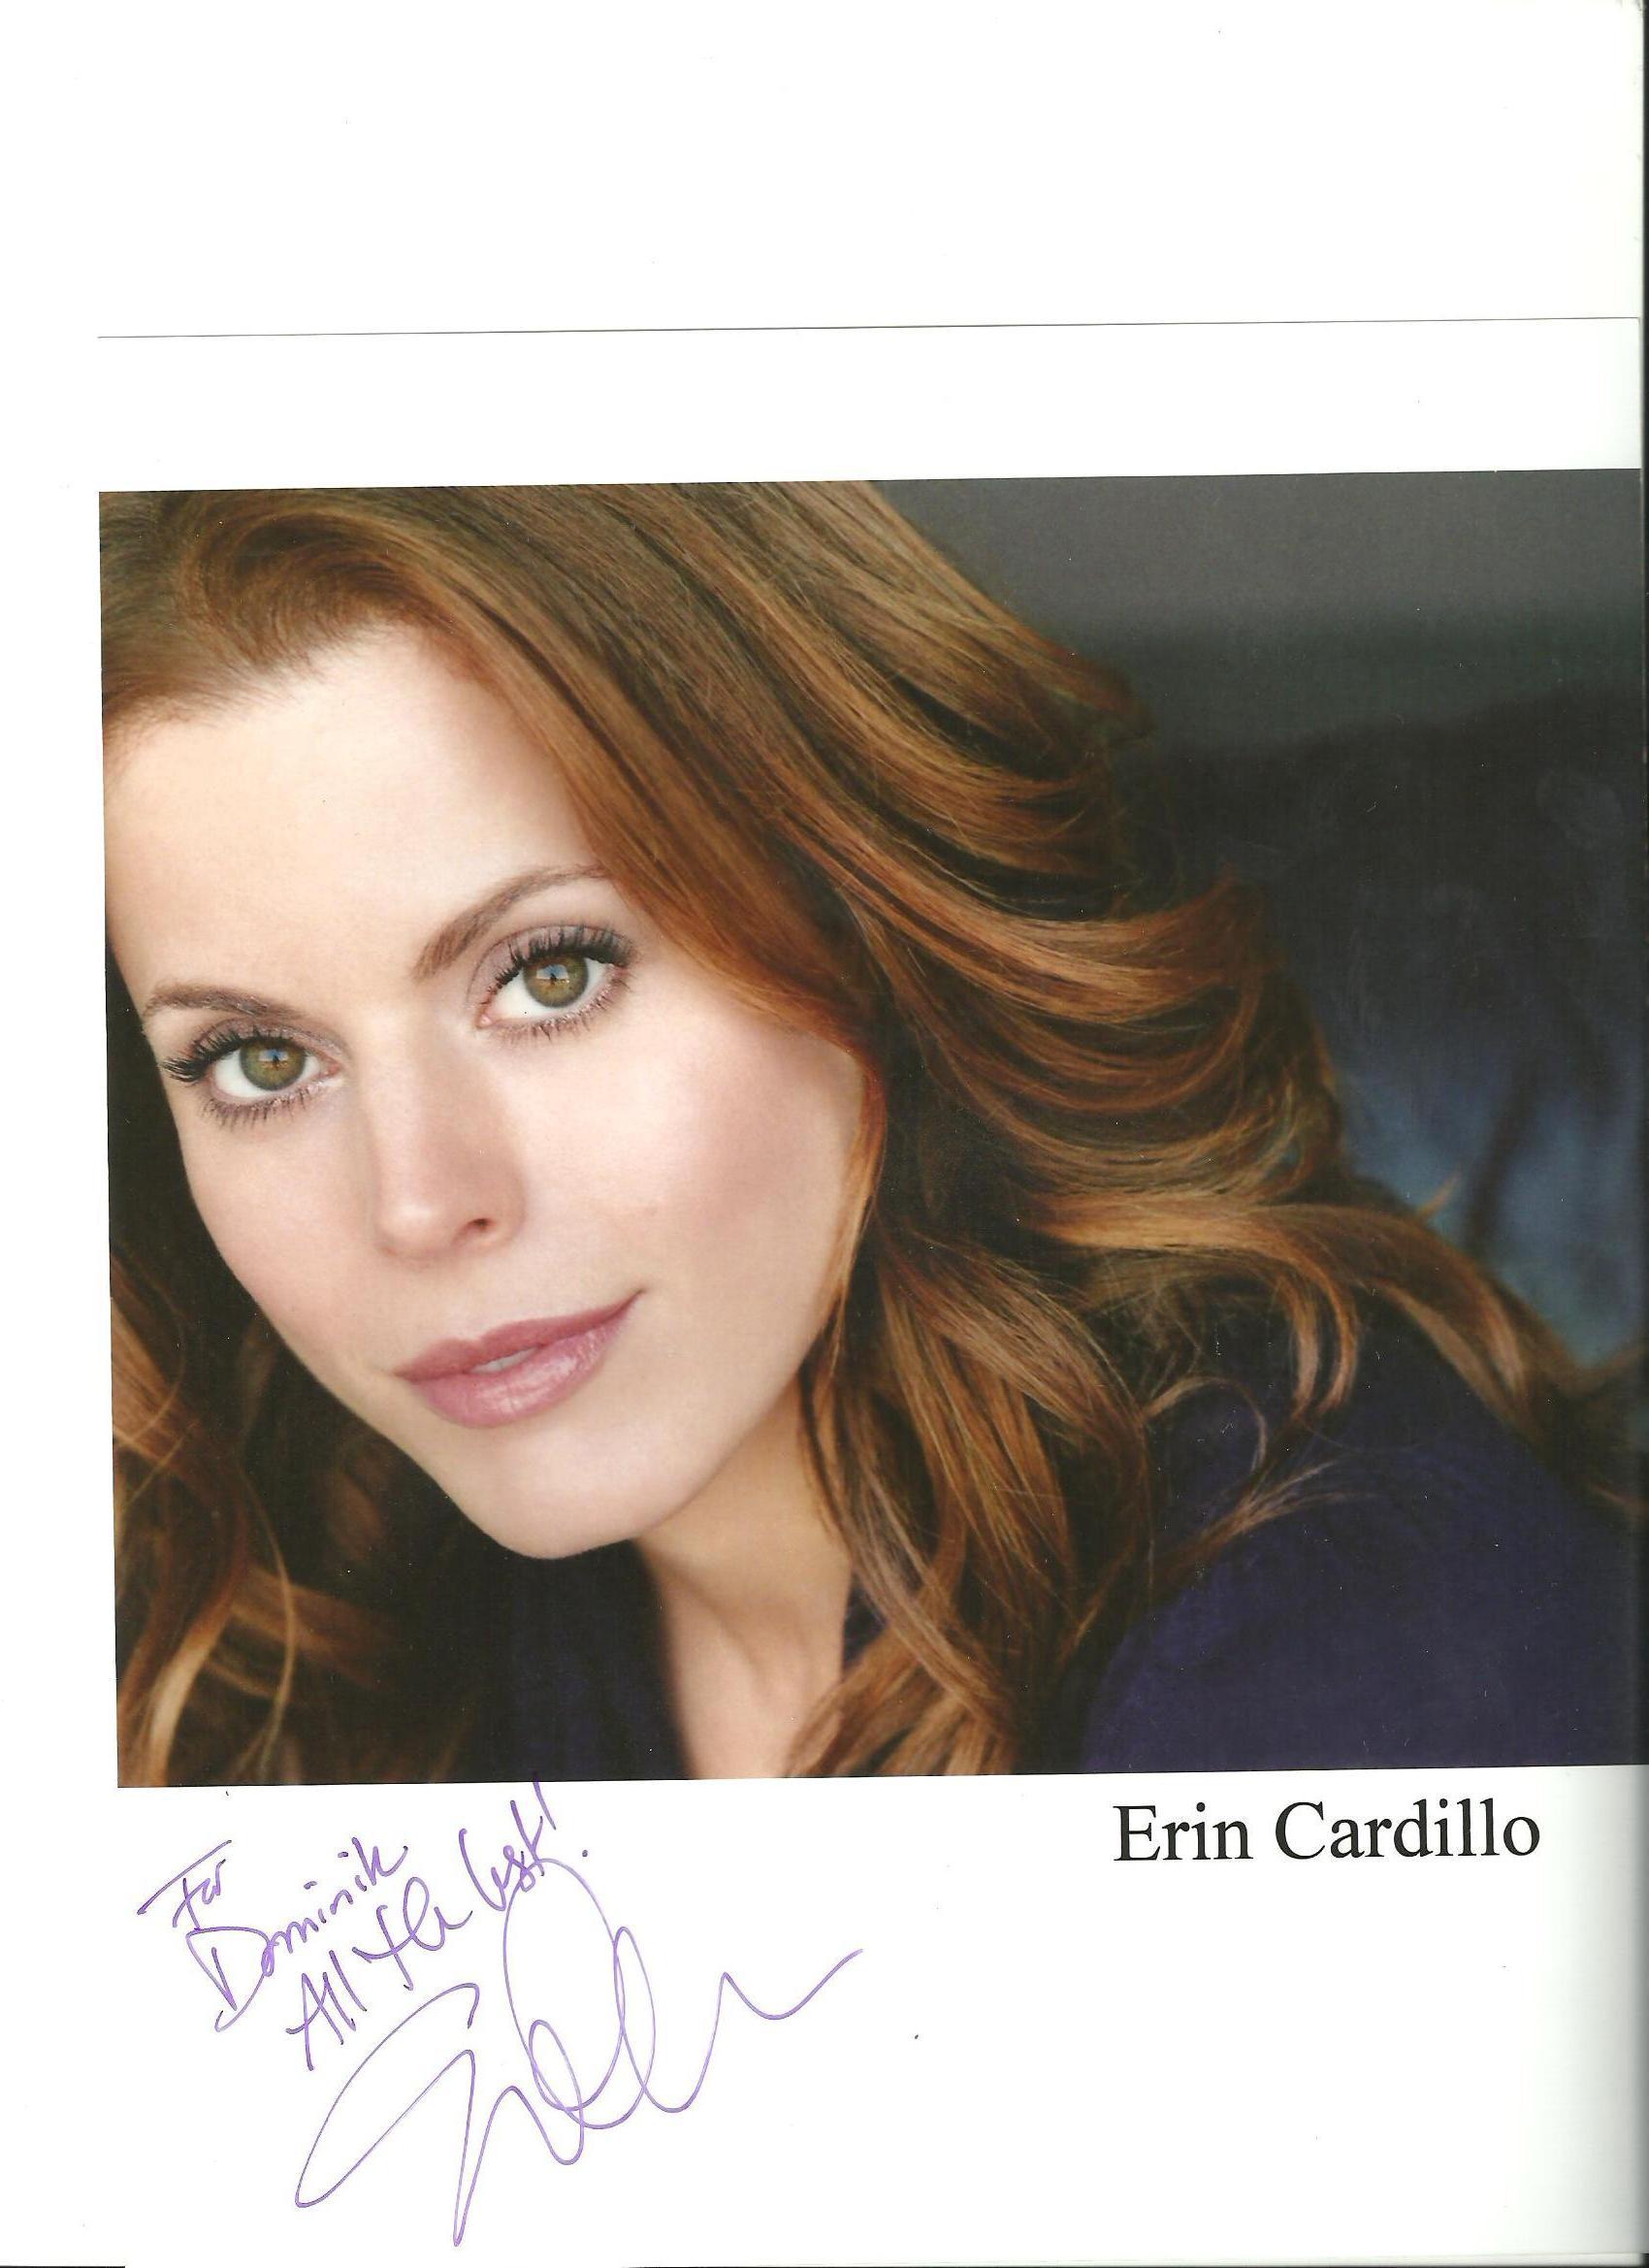 Image search: Erin Cardillo Nude